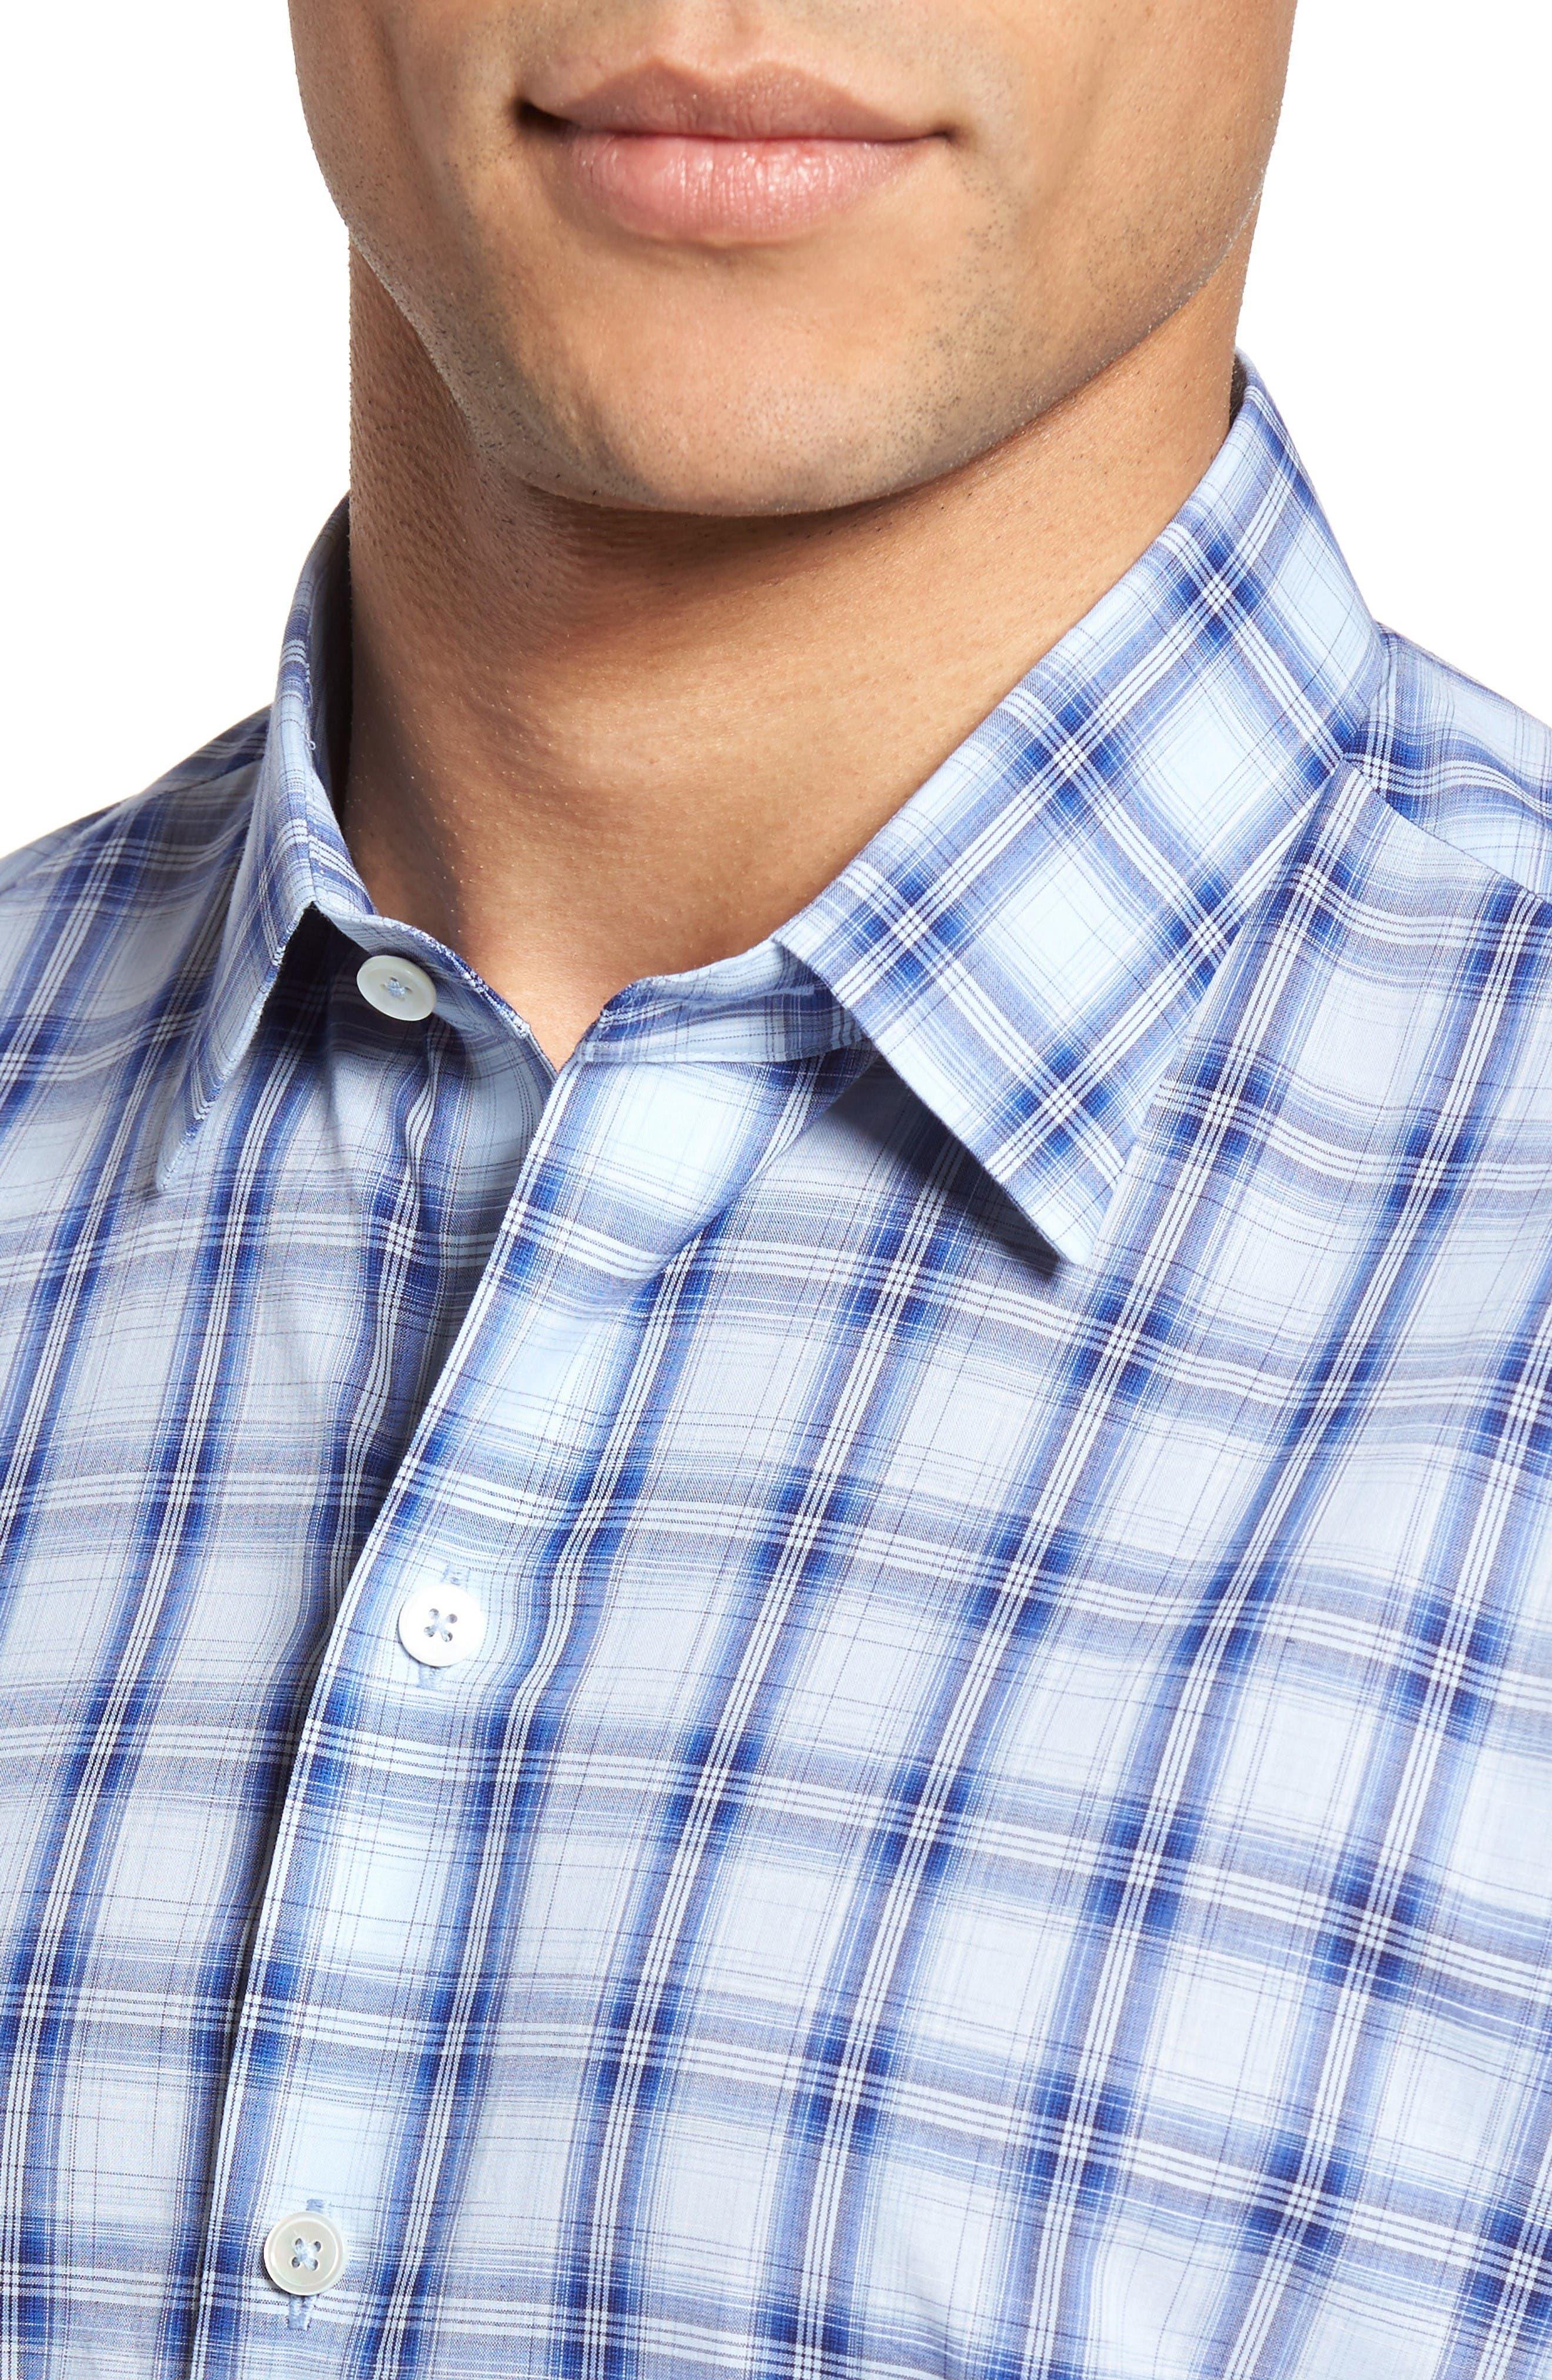 Hwang Trim Fit Plaid Sport Shirt,                             Alternate thumbnail 4, color,                             Pale Blue